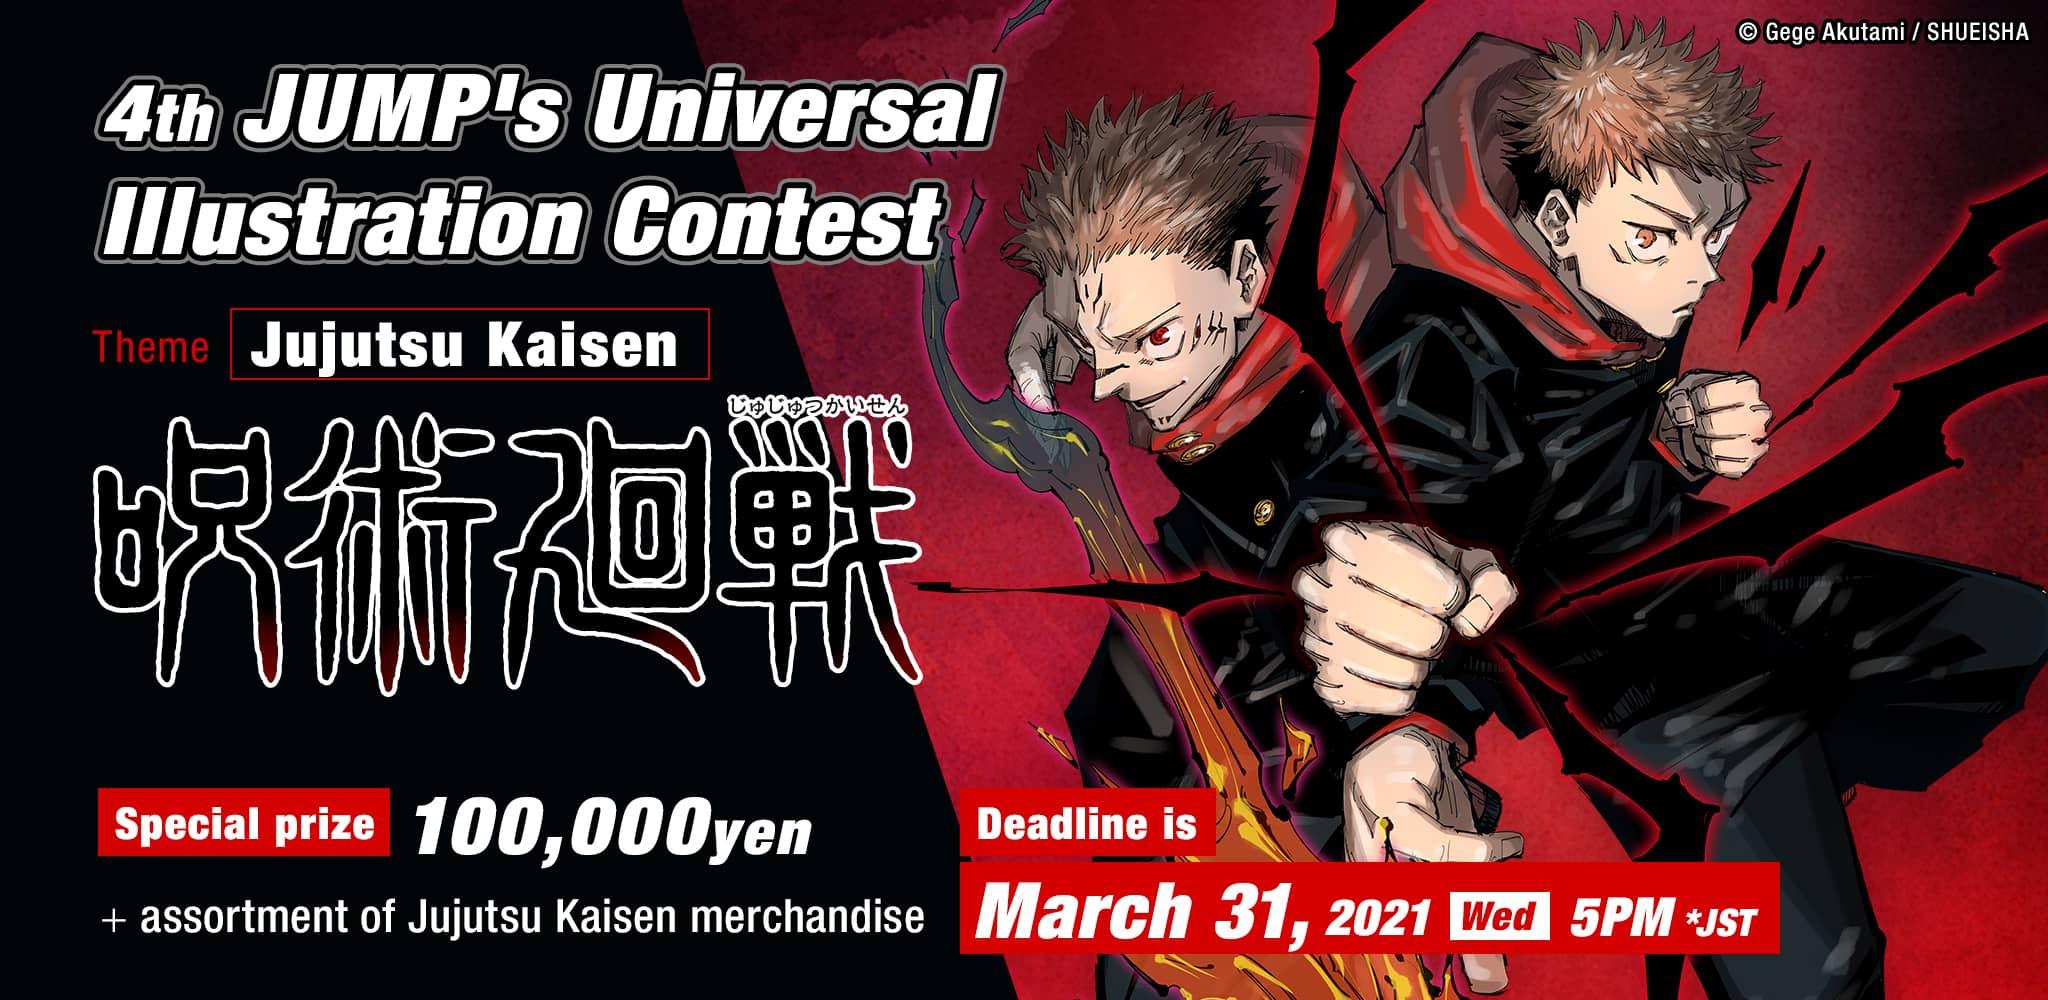 4th JUMP's Universal Illustration Contest Theme:  Jujutsu Kaisen